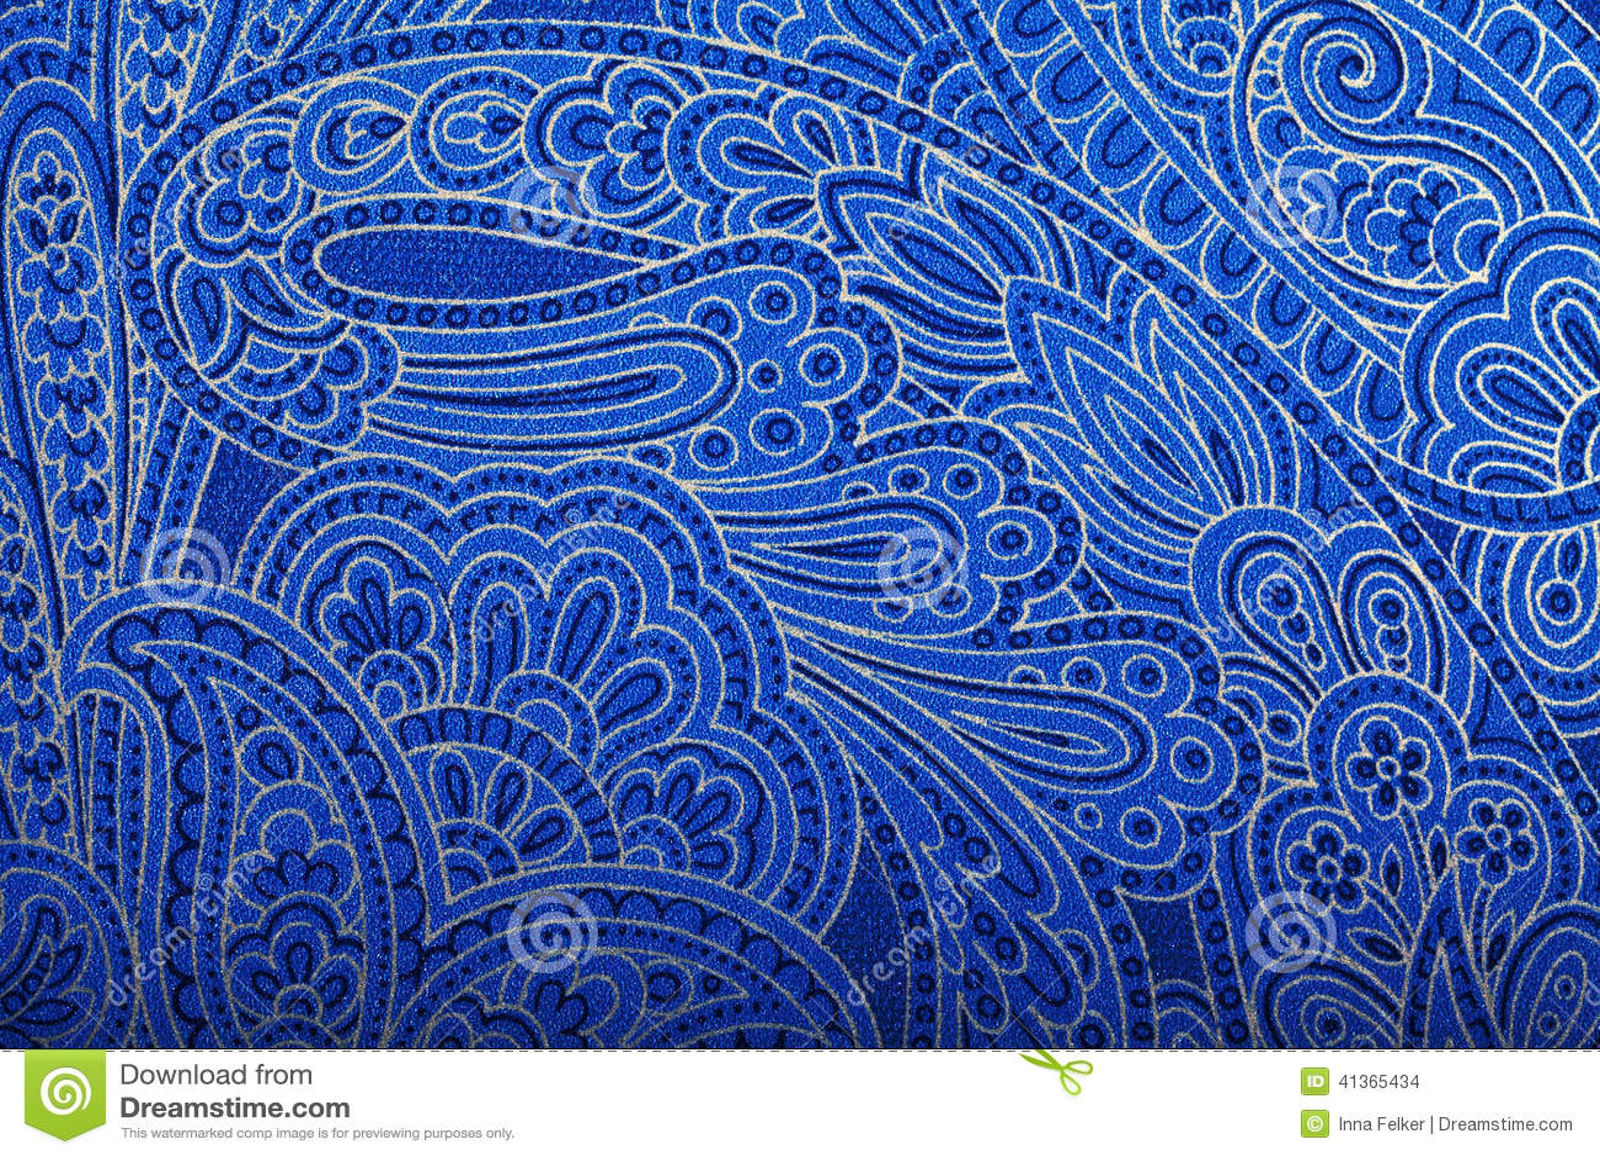 Papel de parede azul de paisley do vintage foto de stock - Papel pared vintage ...